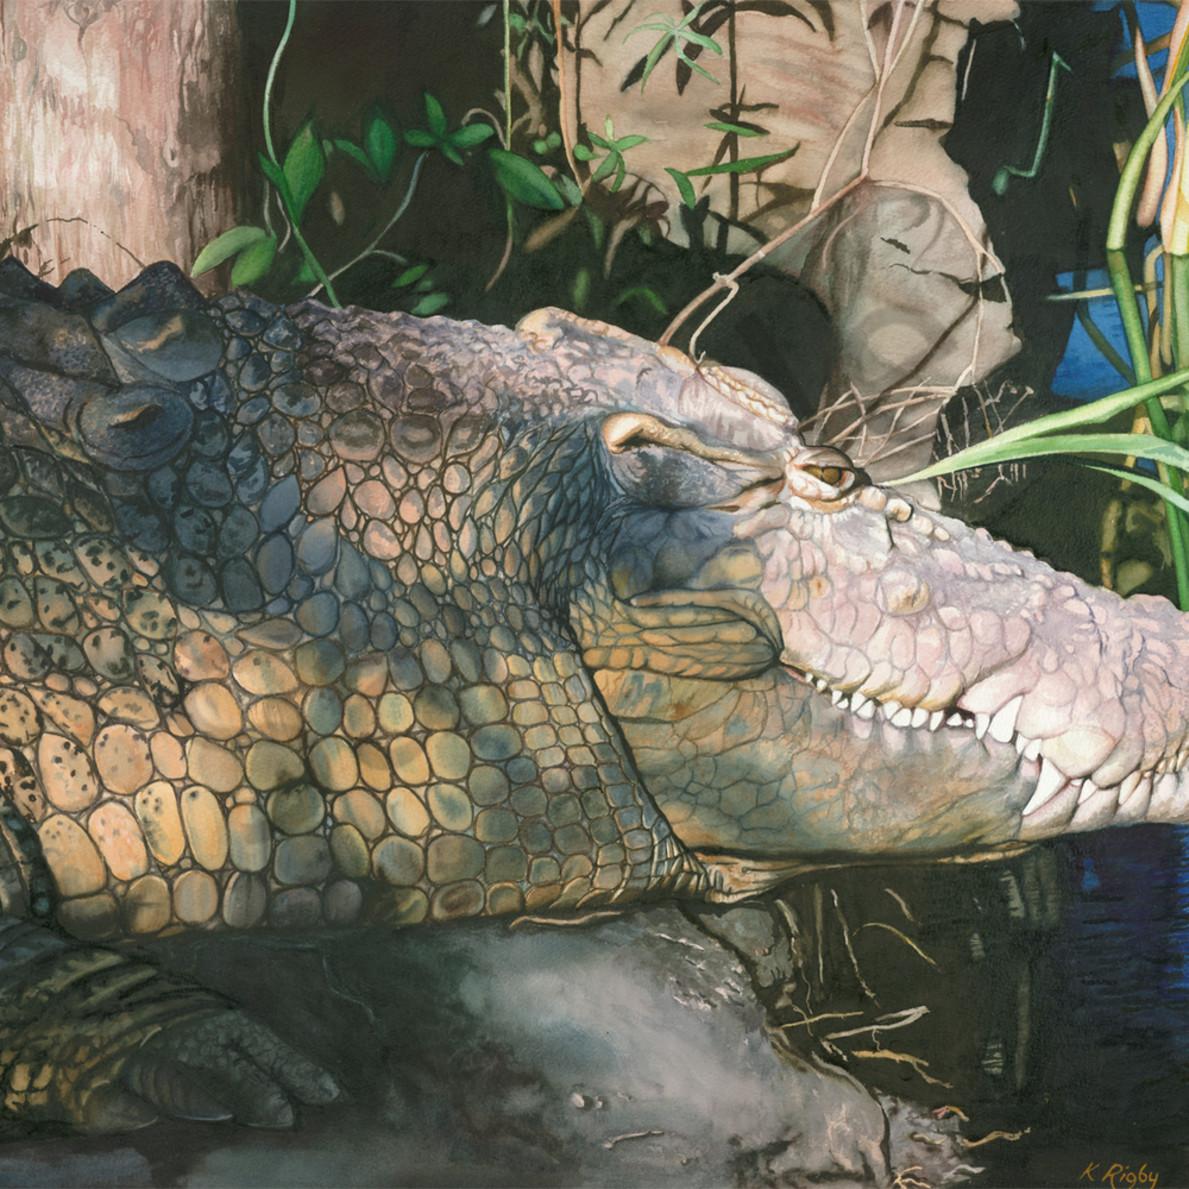 Krig 012 crocodile xbentt